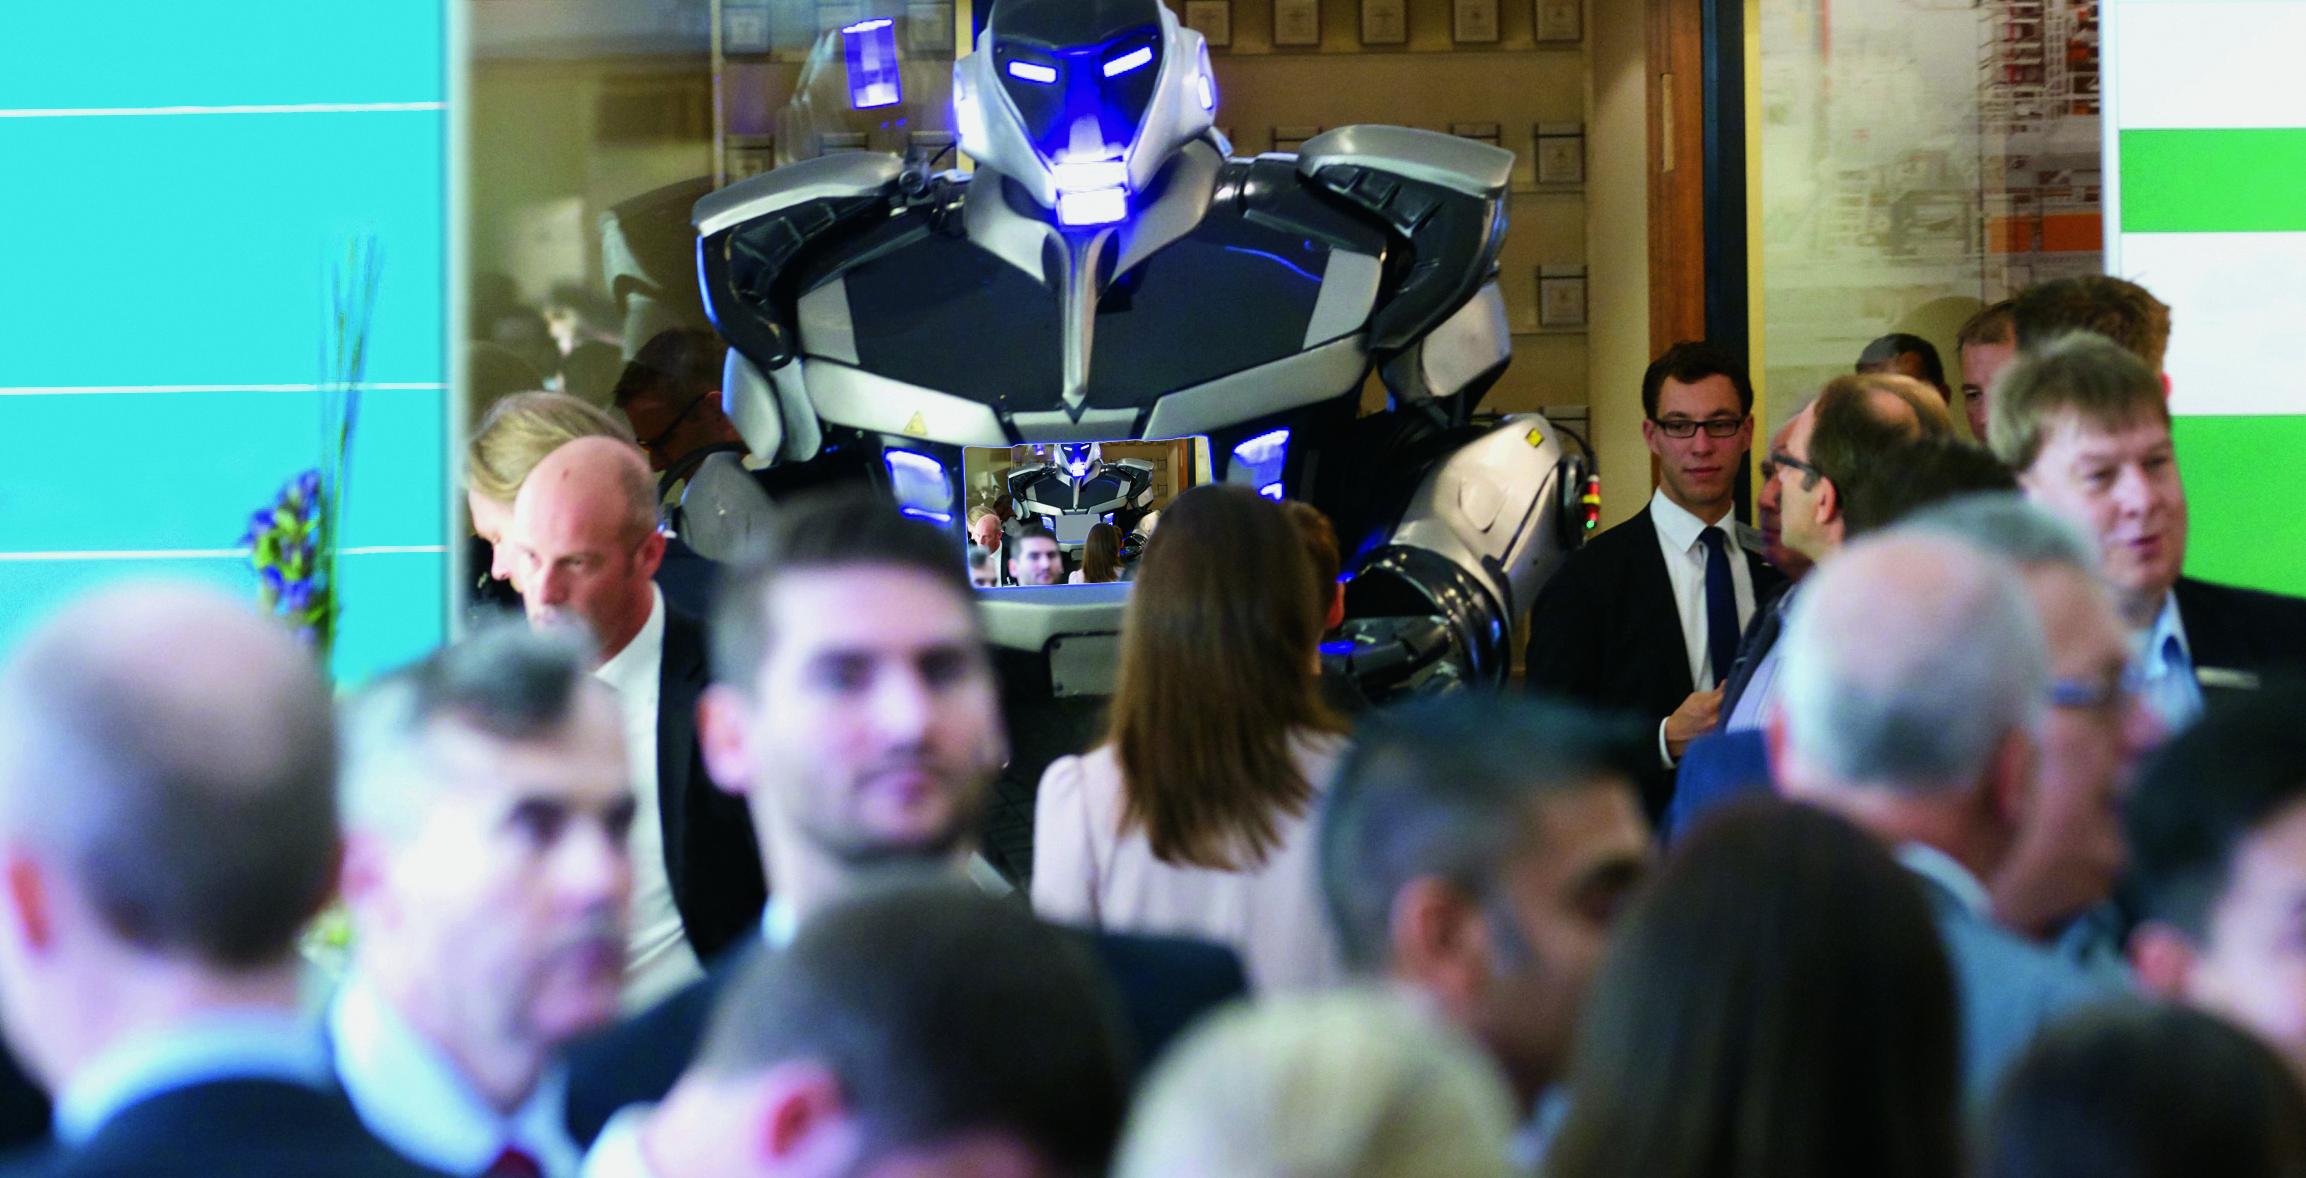 Der Deutsche Logistik-Kongress ist gut besucht und widmet sich auch dem Thema Robotik.